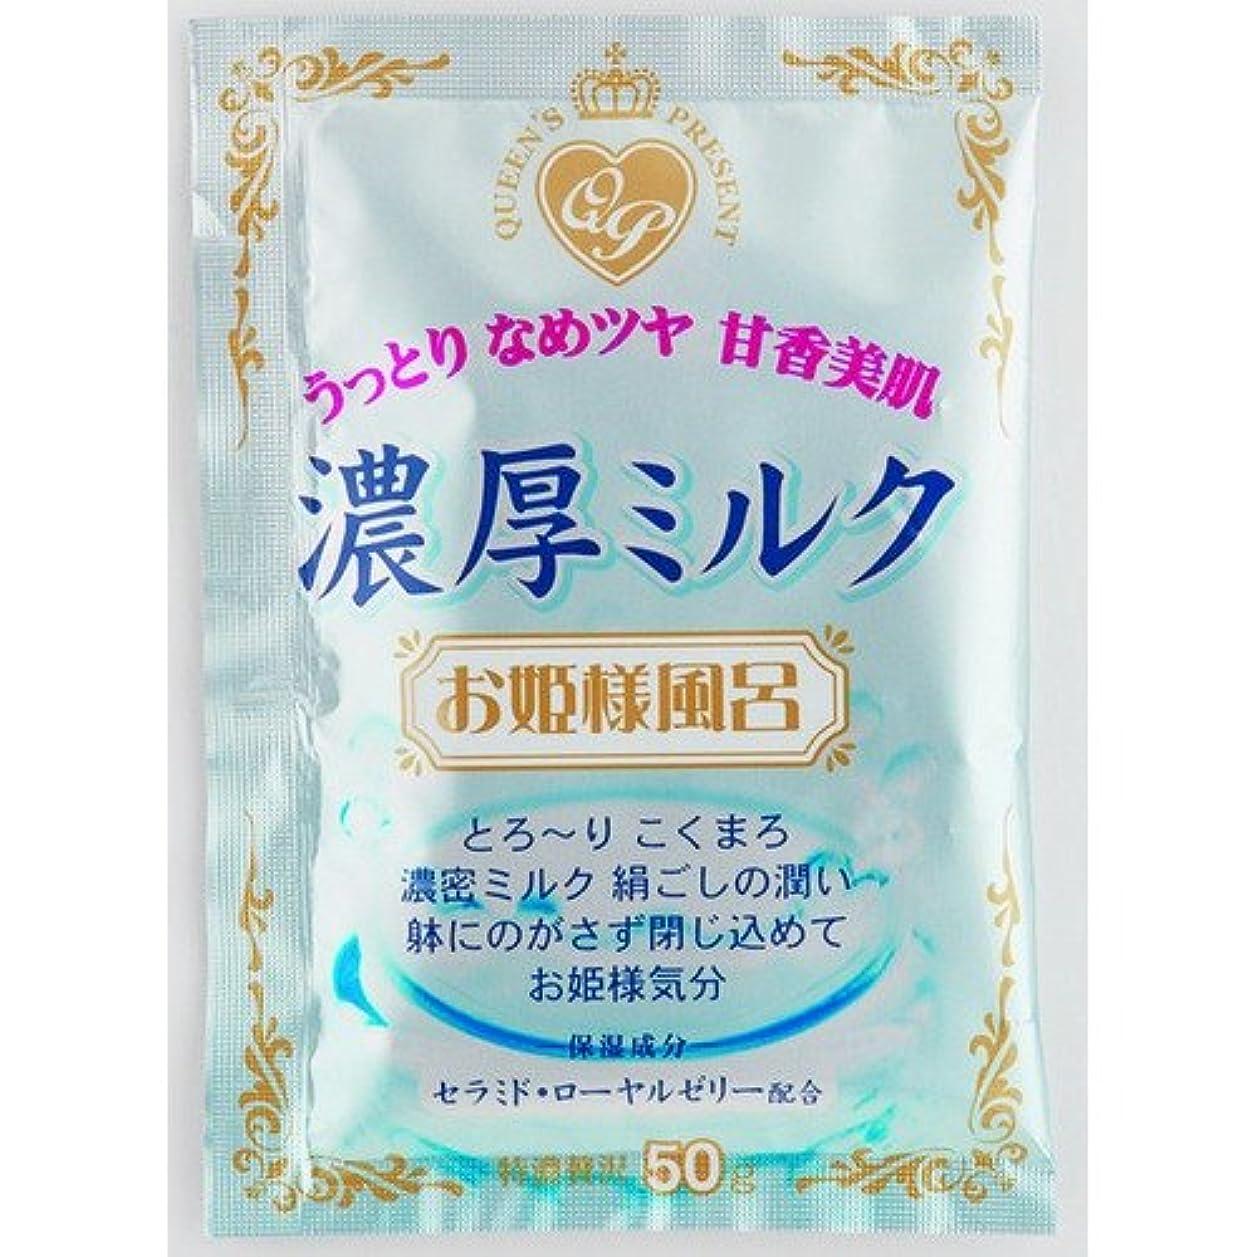 インサート悲鳴シリーズお姫様風呂 濃厚ミルク 50g